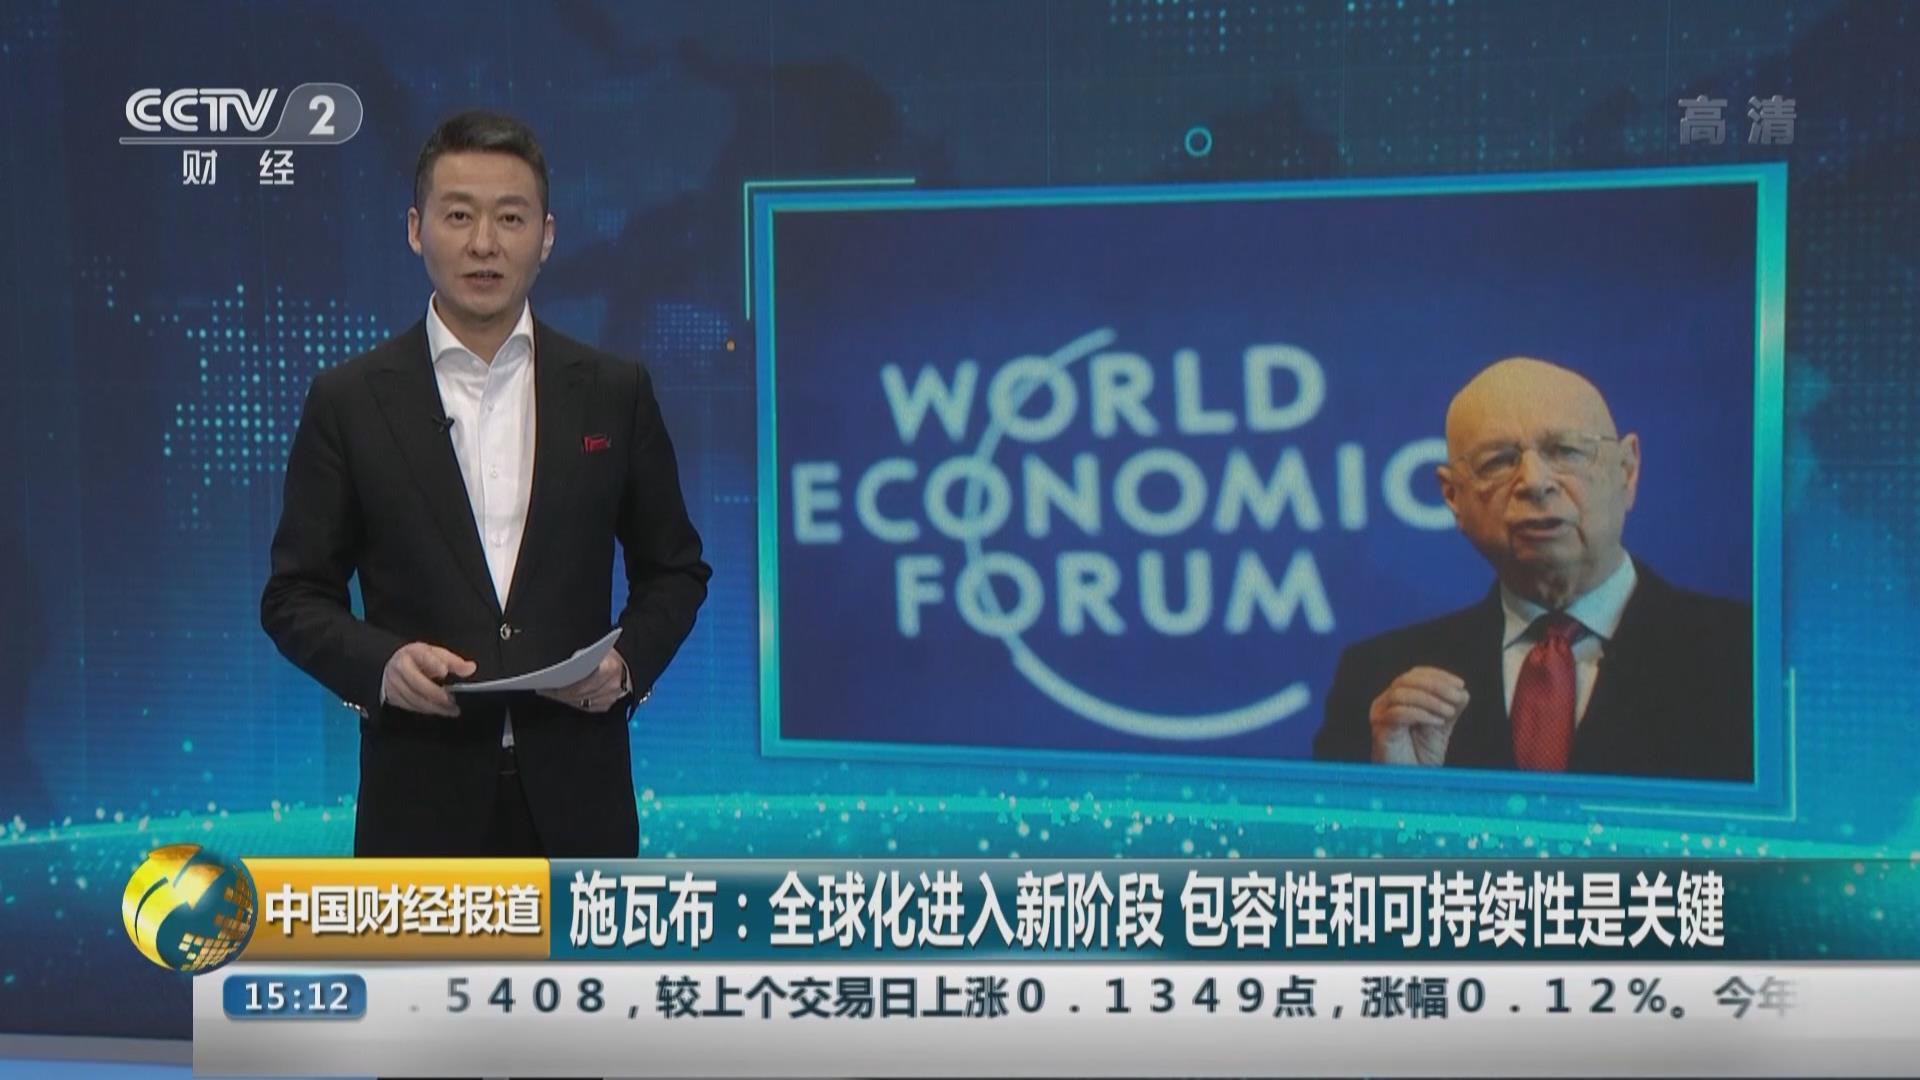 施瓦布:全球化進入新階段 包容性和可持續性是關鍵